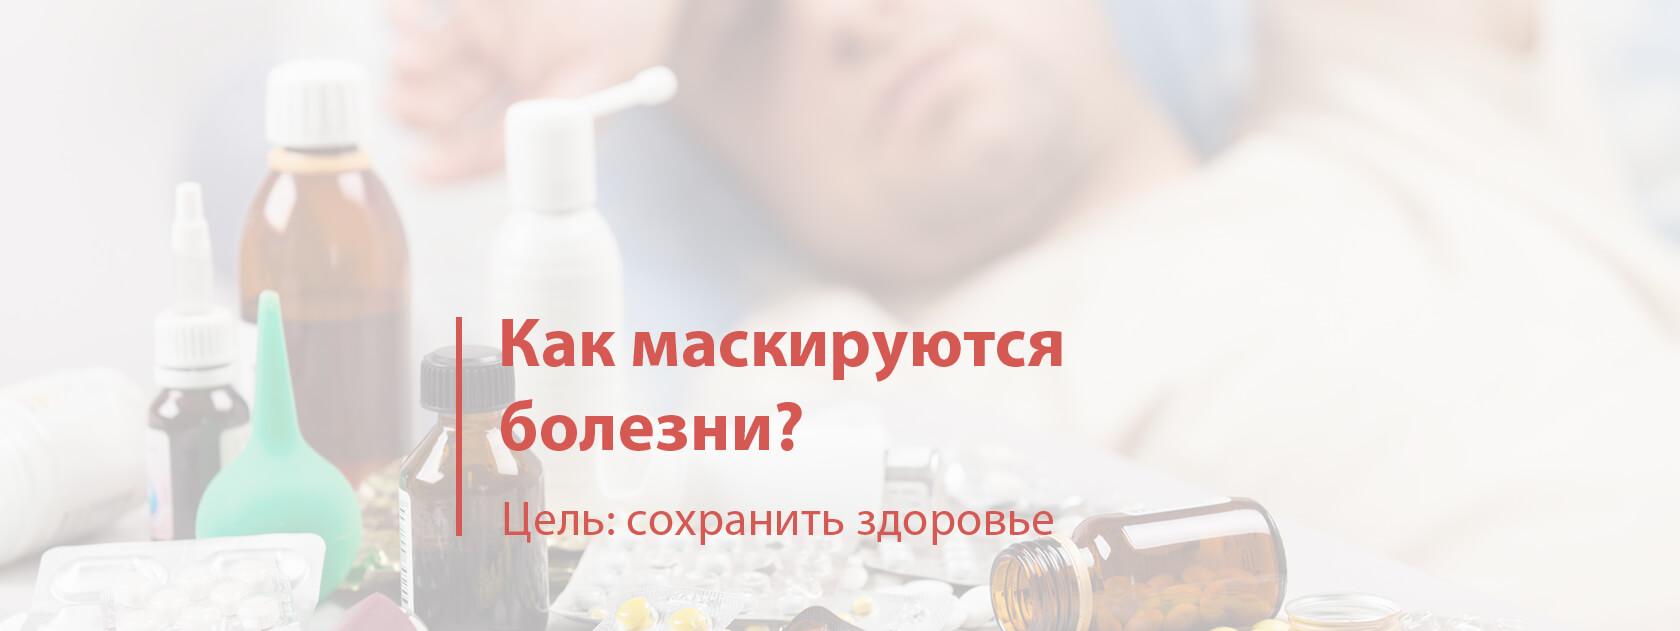 Как маскируются болезни